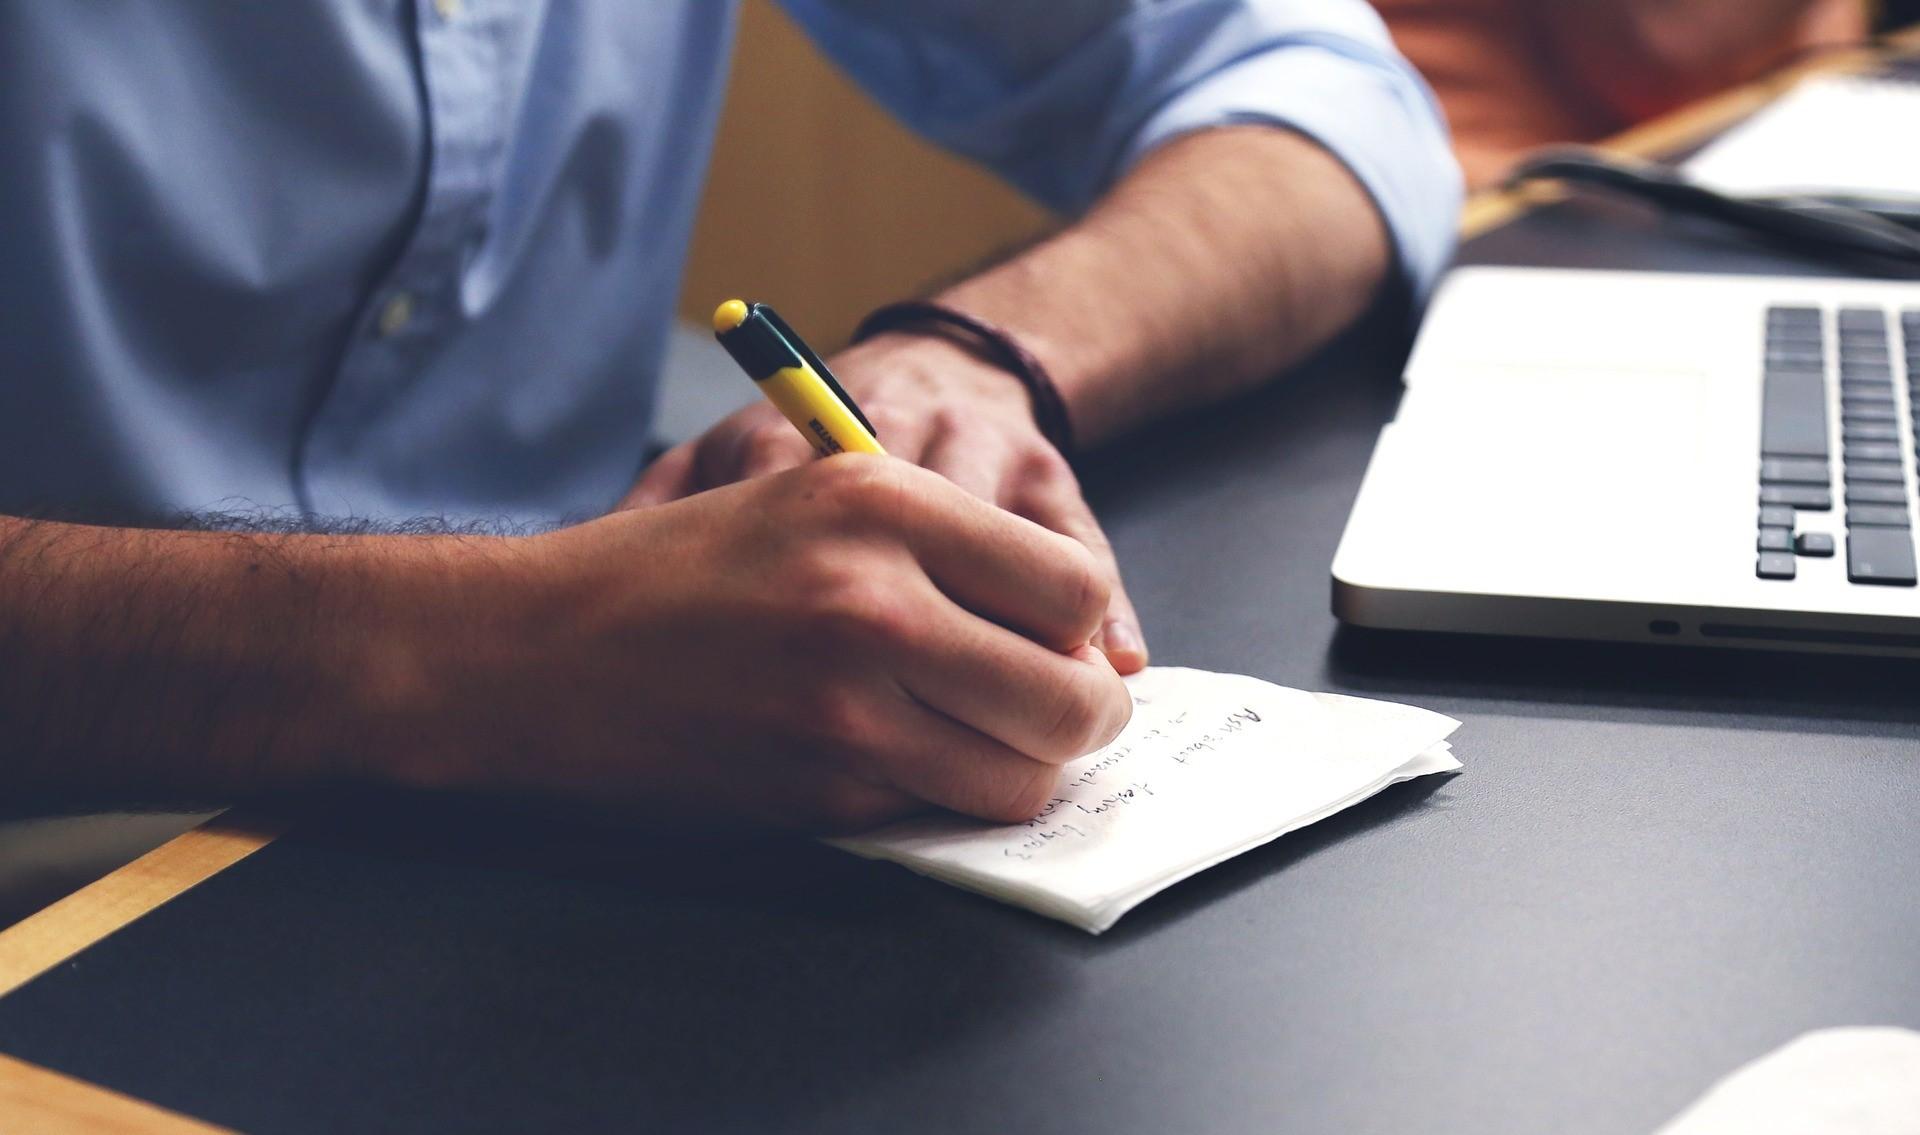 12 eigenschappen die slecht zijn voor uw productiviteit